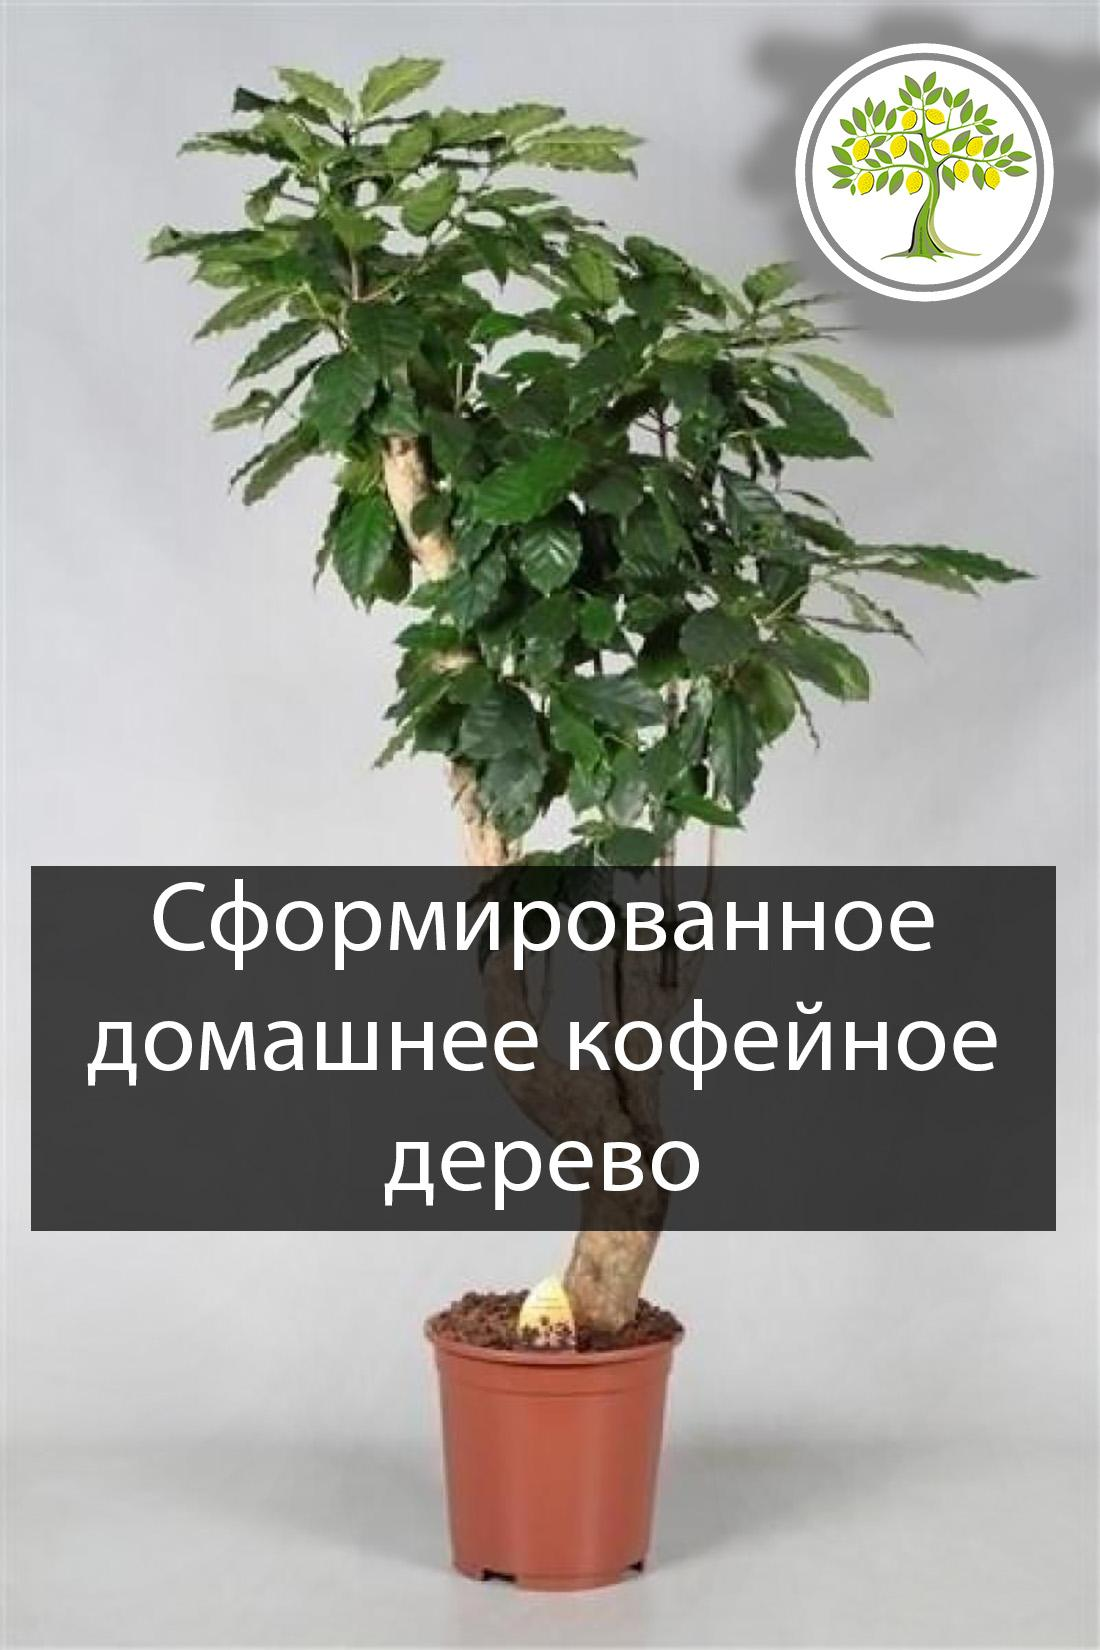 Кофейное дерево выращивание, уход, особенности, фото, видео. подробная инструкция по выращиванию в домашних условиях